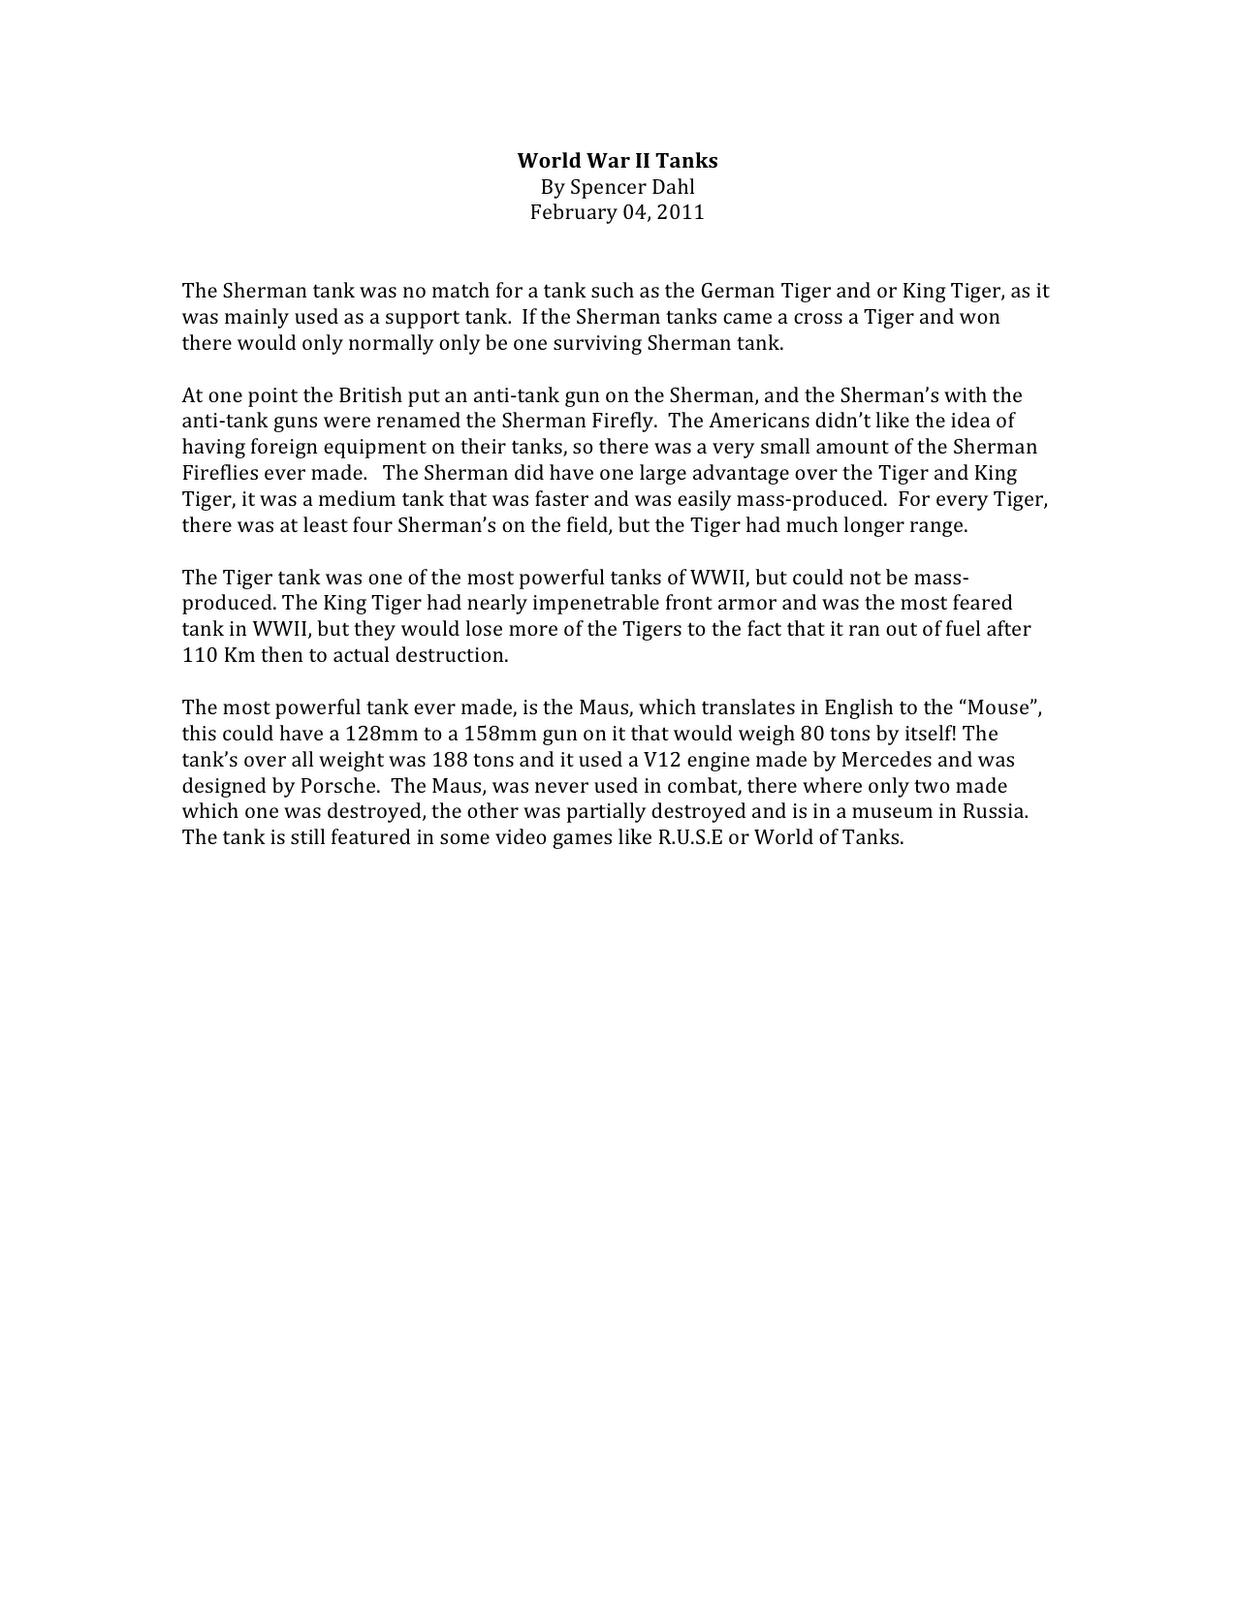 007 Short Essay World2bwar2bii2btanks Shocking Answer Rubric Apush About Slavery In America Questions Internal Medicine Full